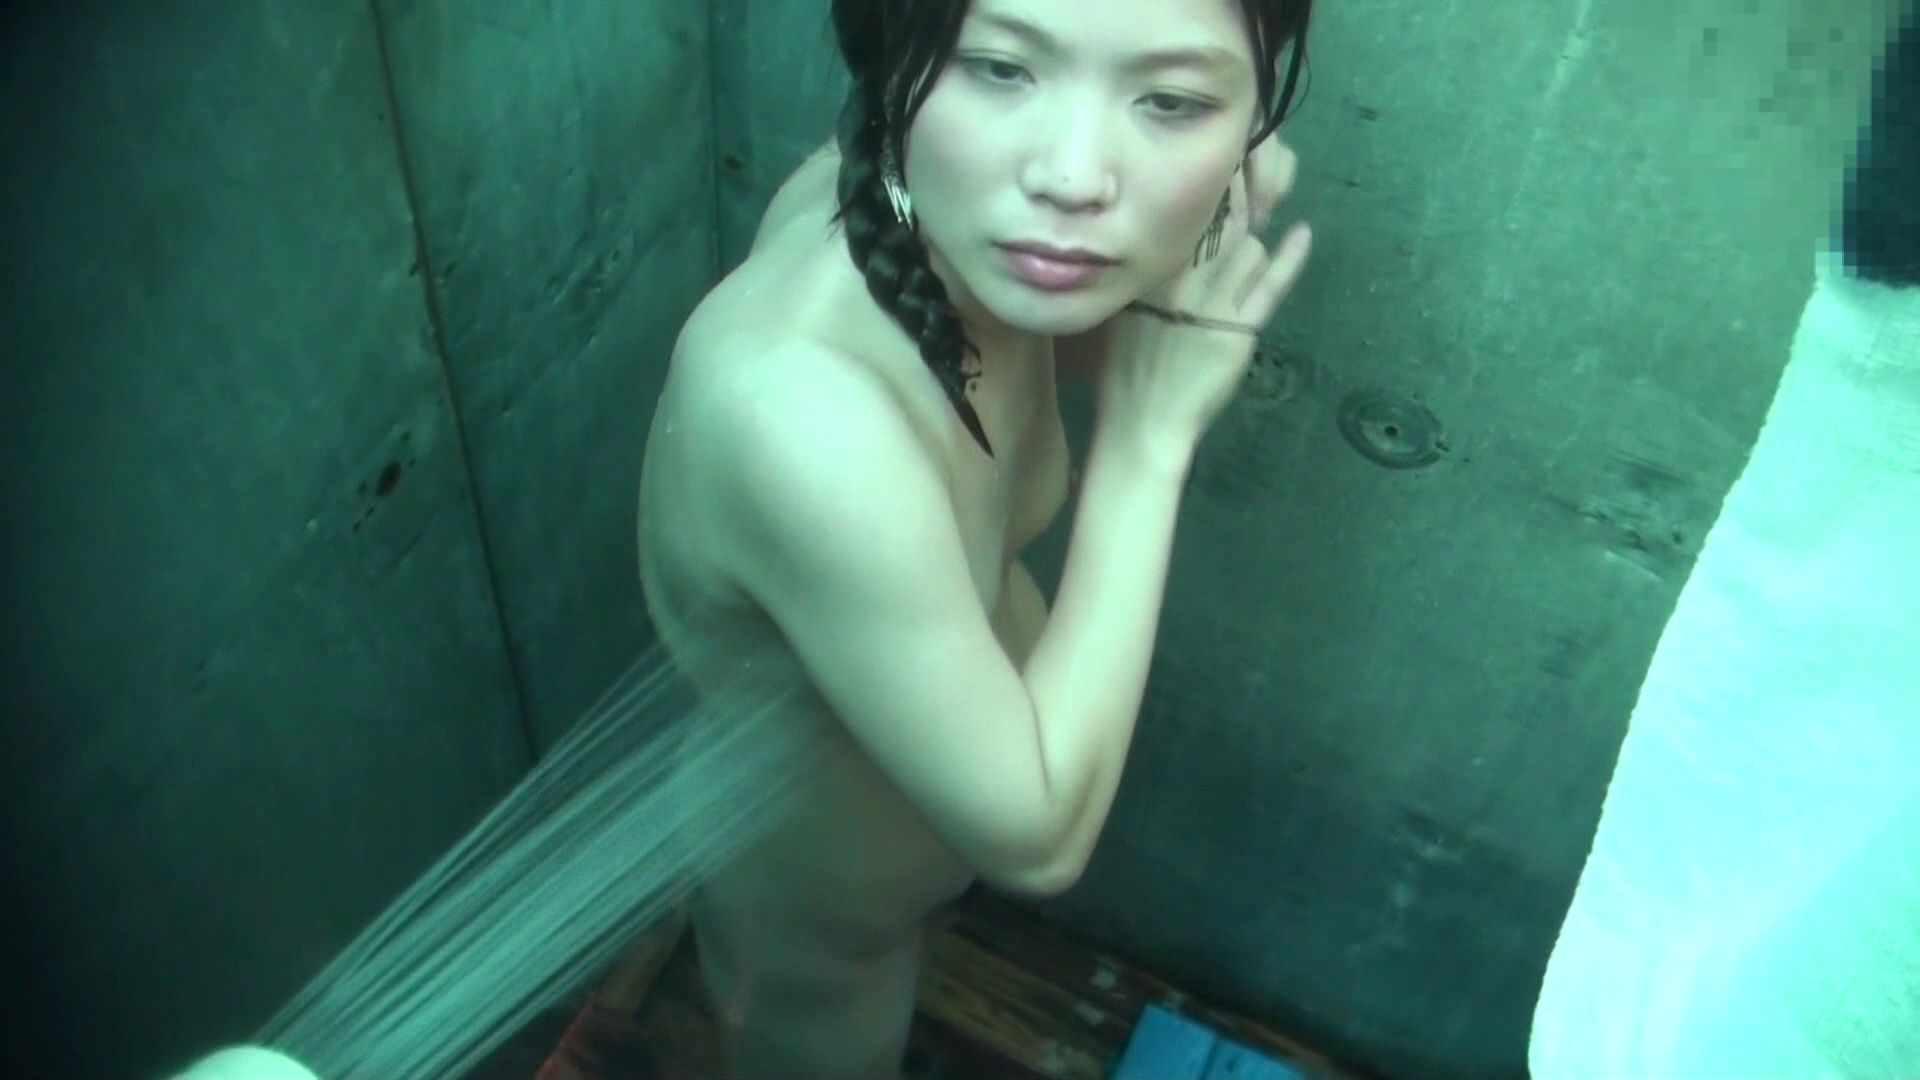 シャワールームは超!!危険な香りVol.12 女性のおまんこには予想外の砂が混入しているようです。 おまんこ | シャワー  101pic 53